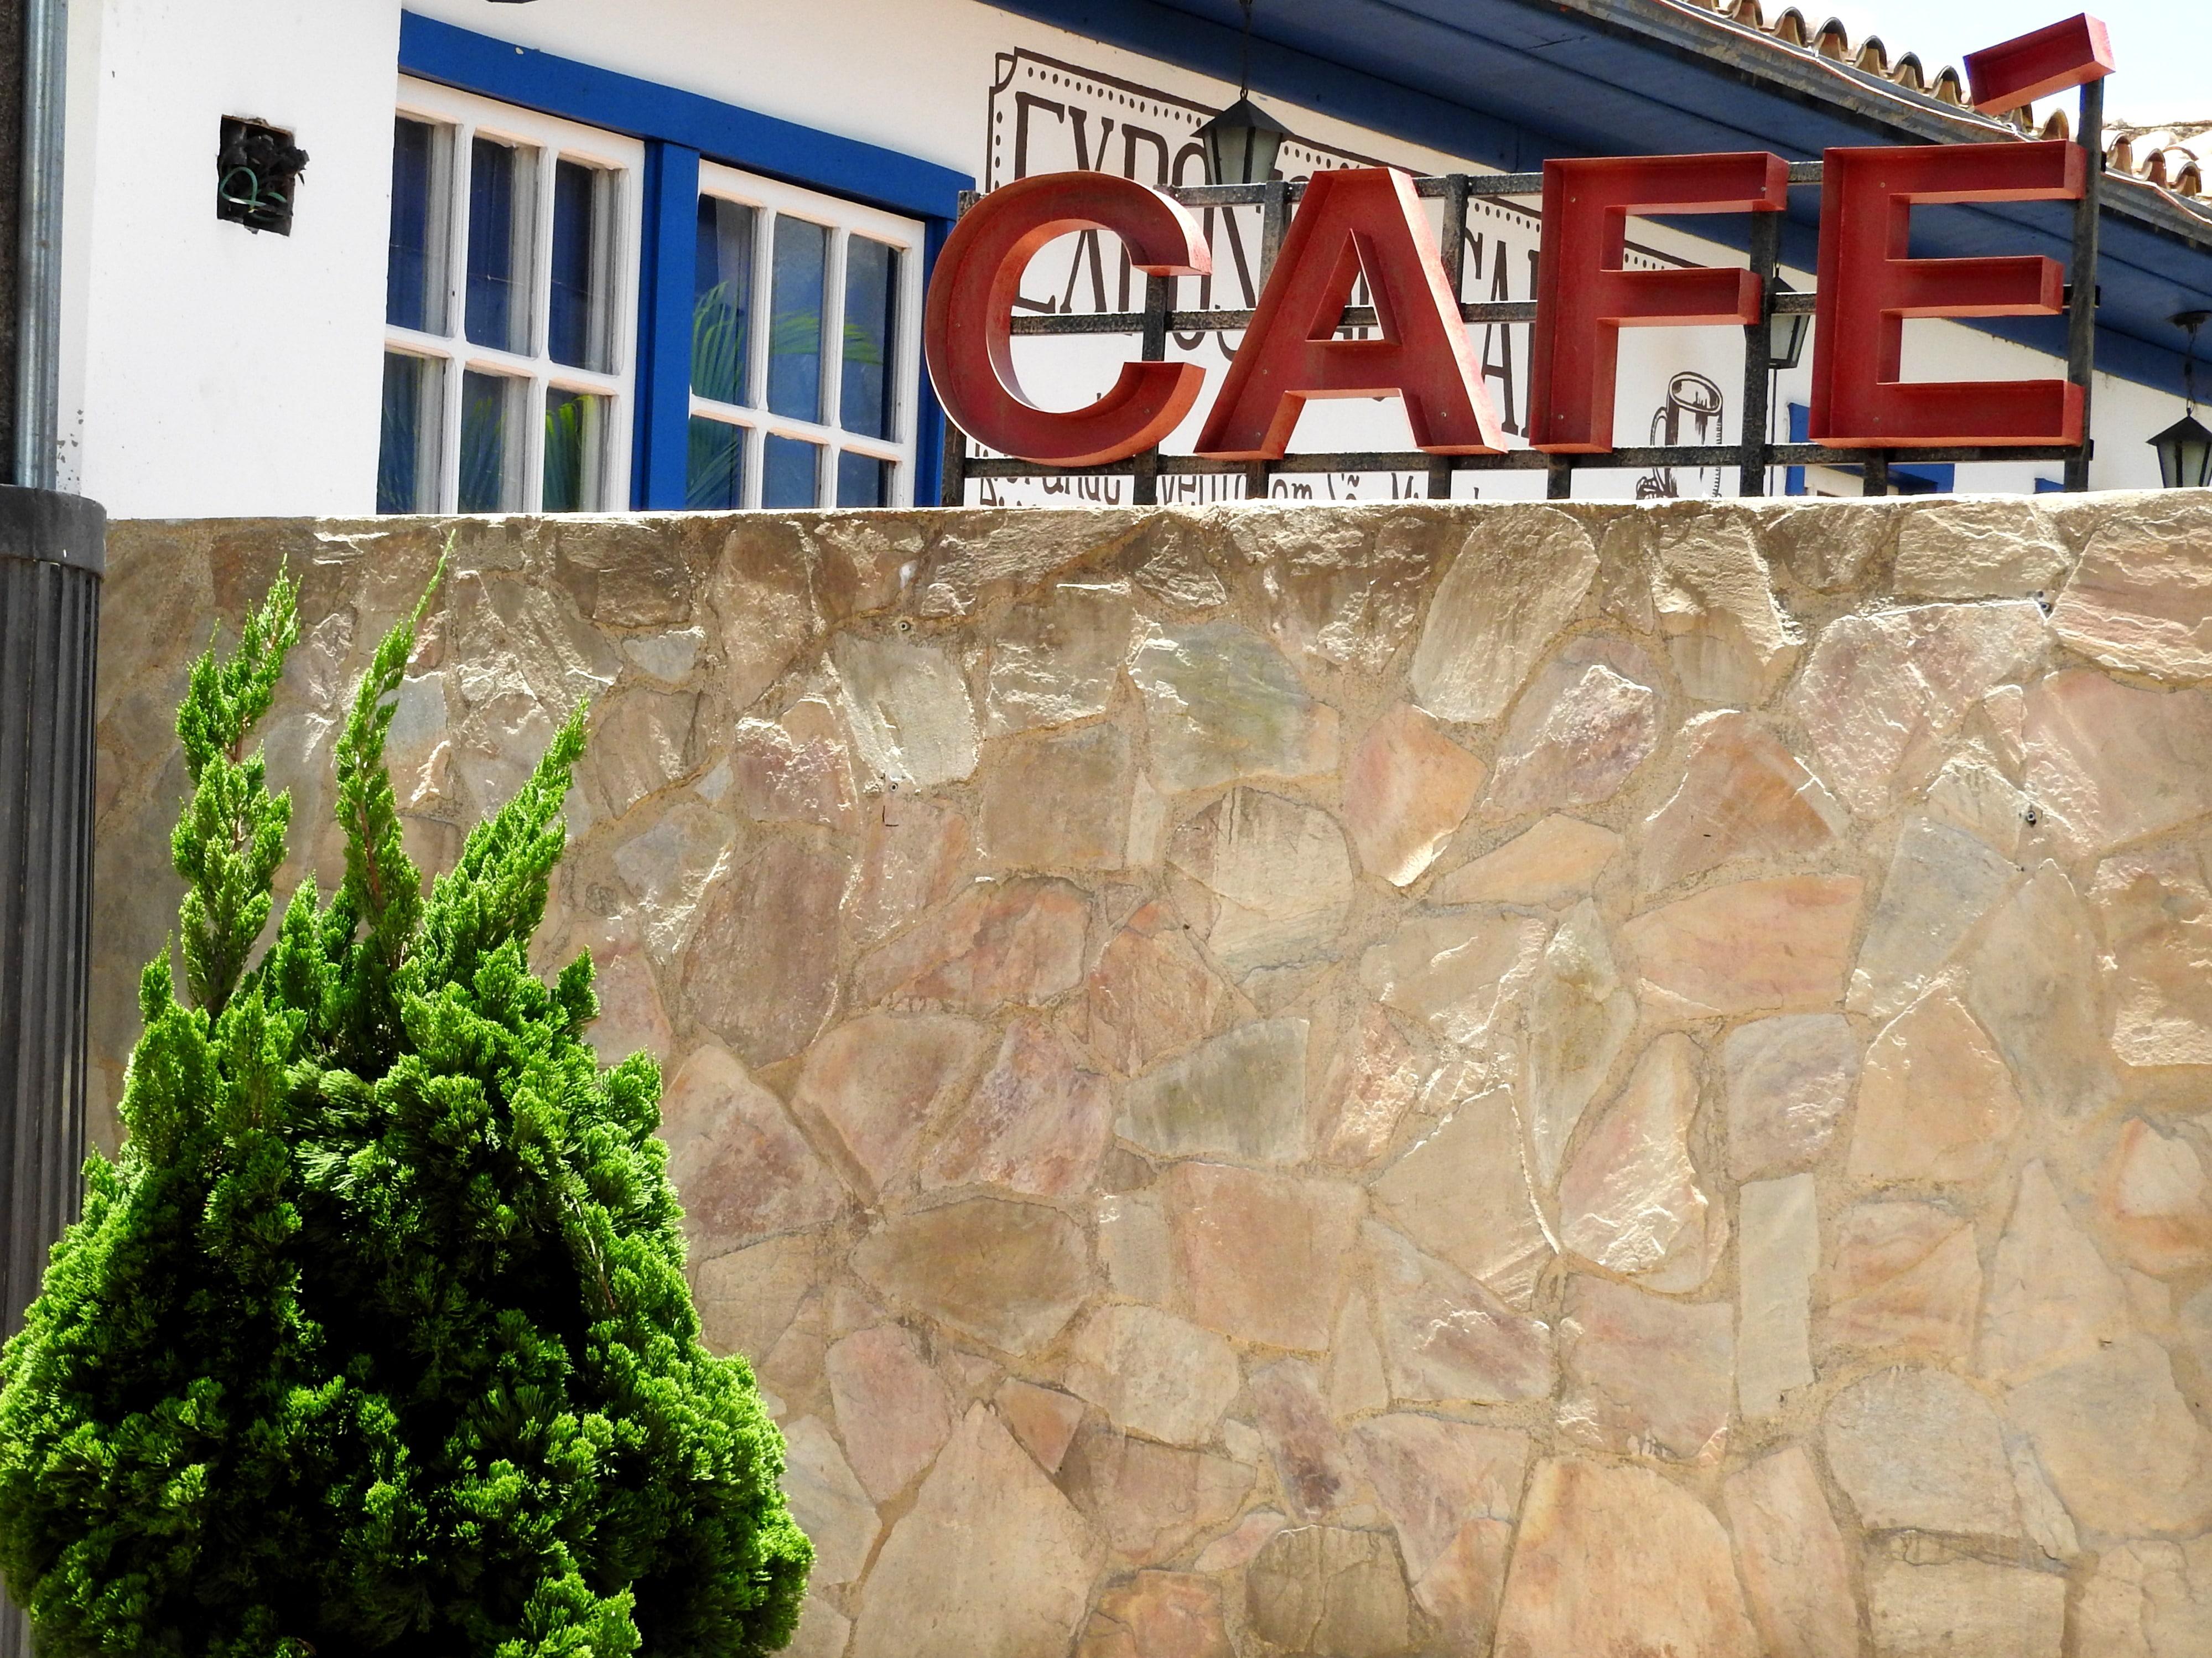 Catas altas Cidade Fictícia São Miguel